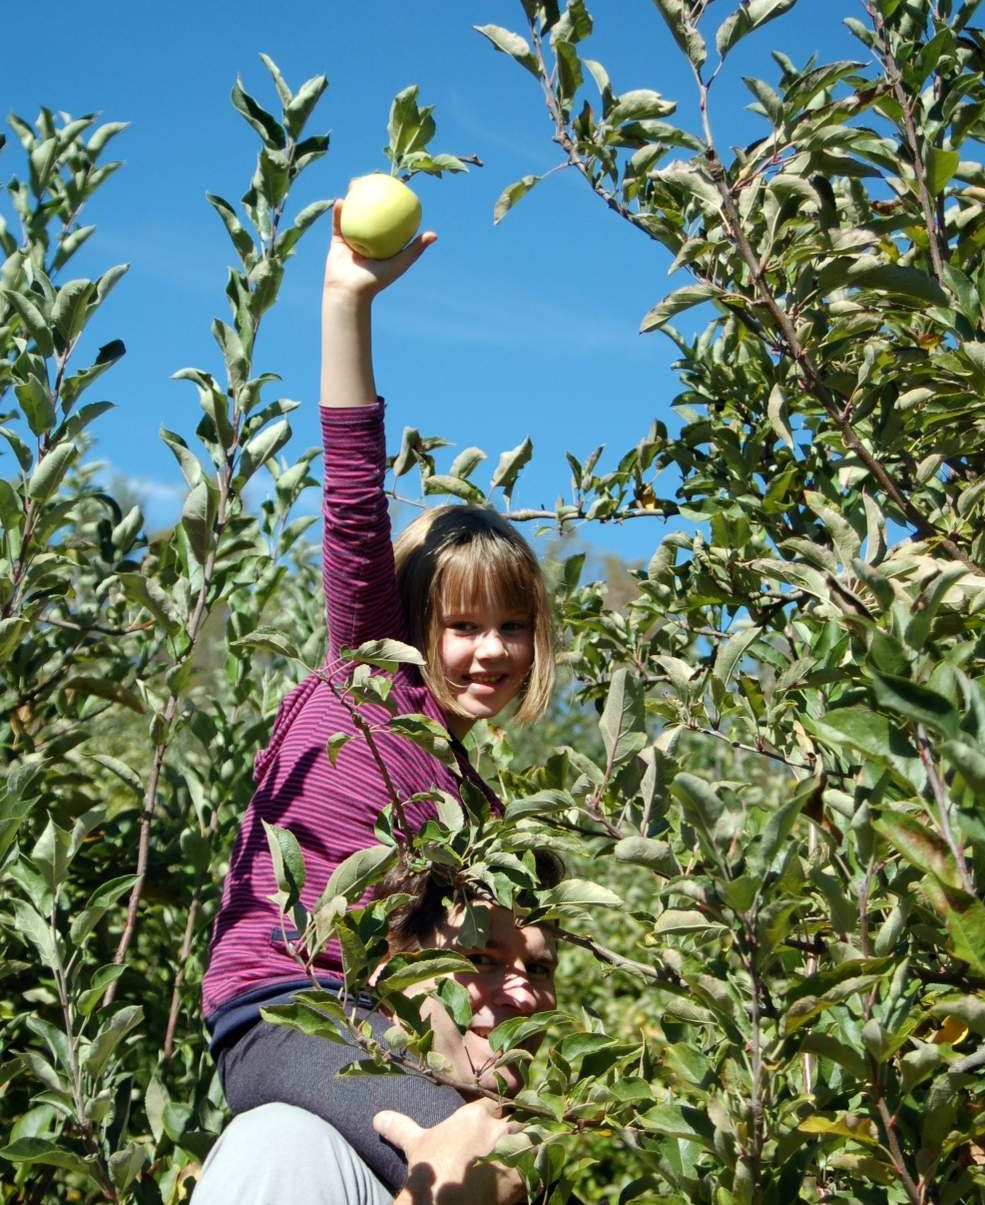 Justus Apple Farm